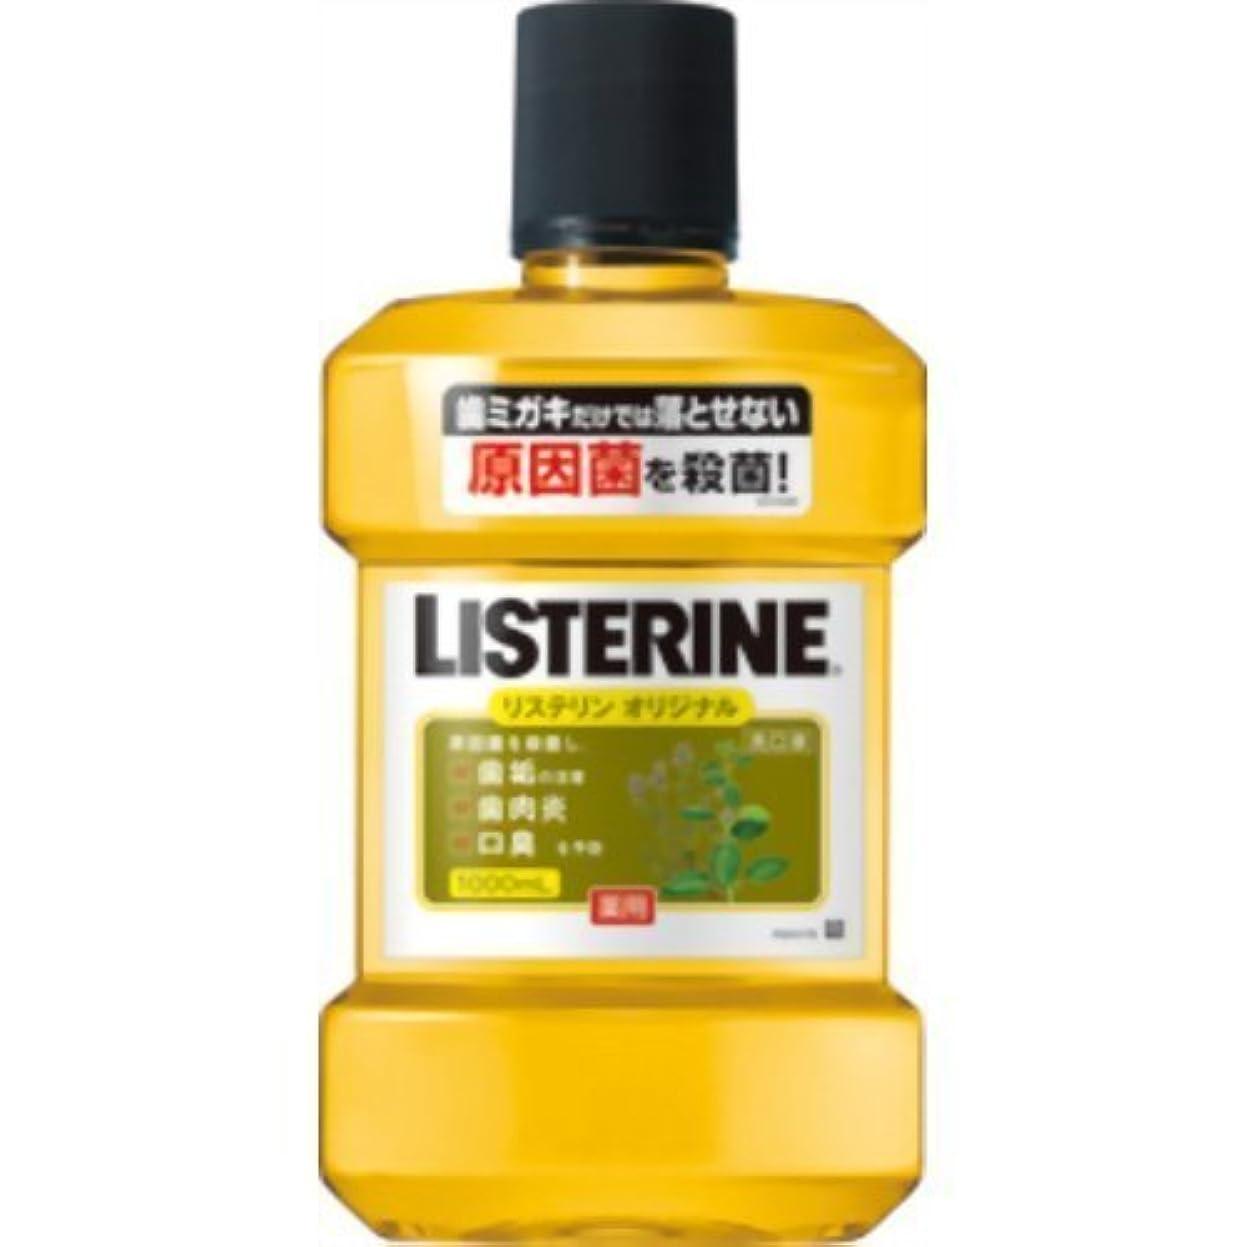 降臨テスピアン耐えられない薬用リステリン オリジナル 1000ml ×5個セット